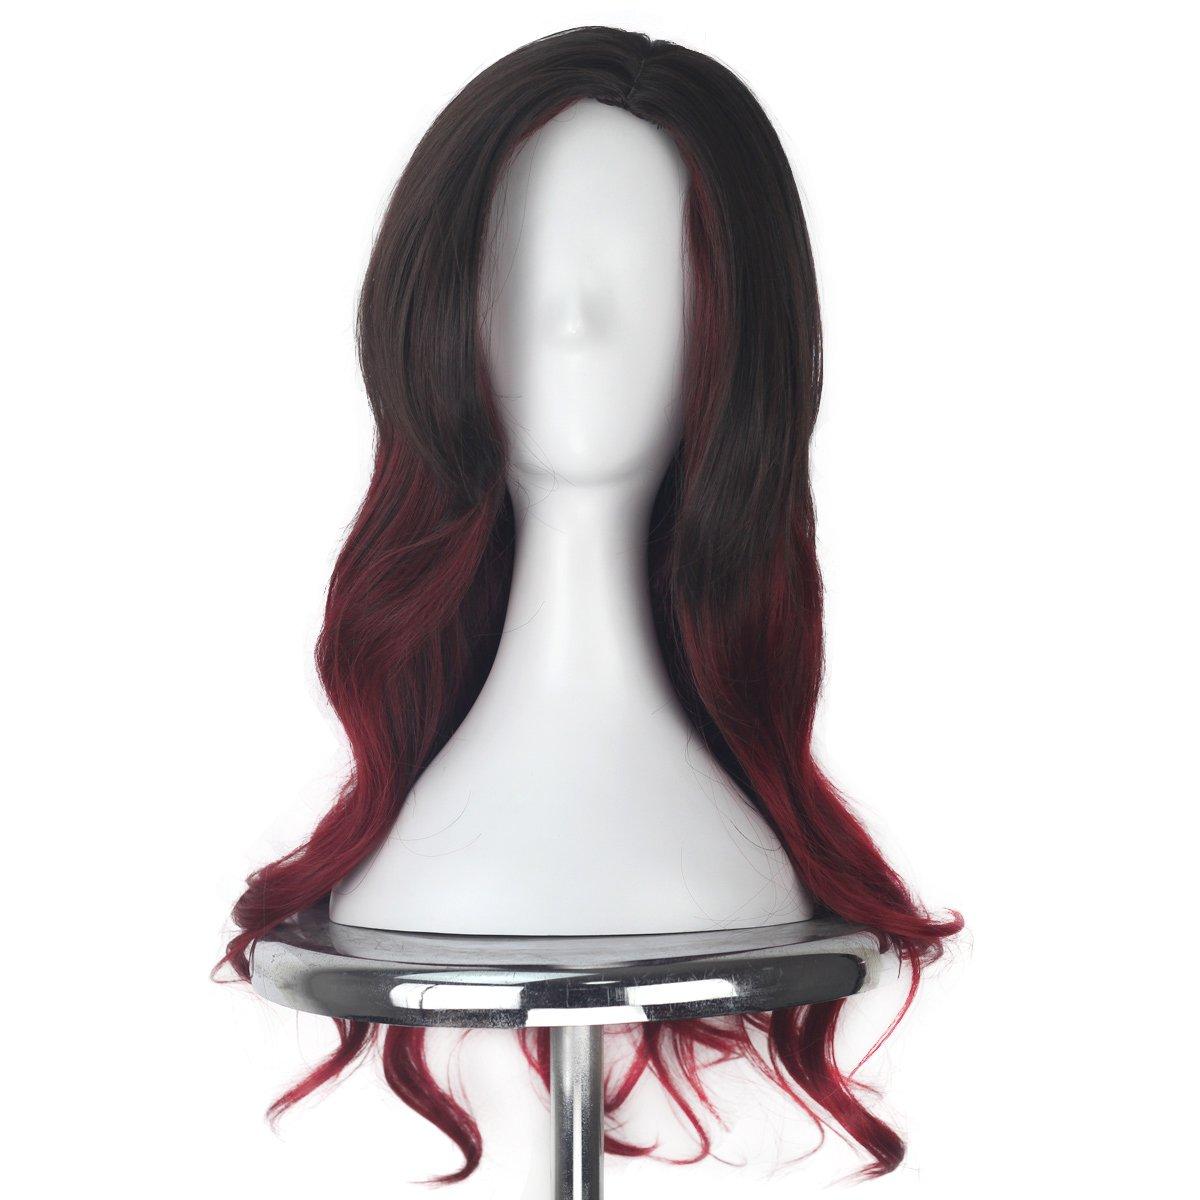 Women's Long Wavy Gradient Brown Dark Red Color Ombre Cosplay Costume Halloween Wig Generic C383